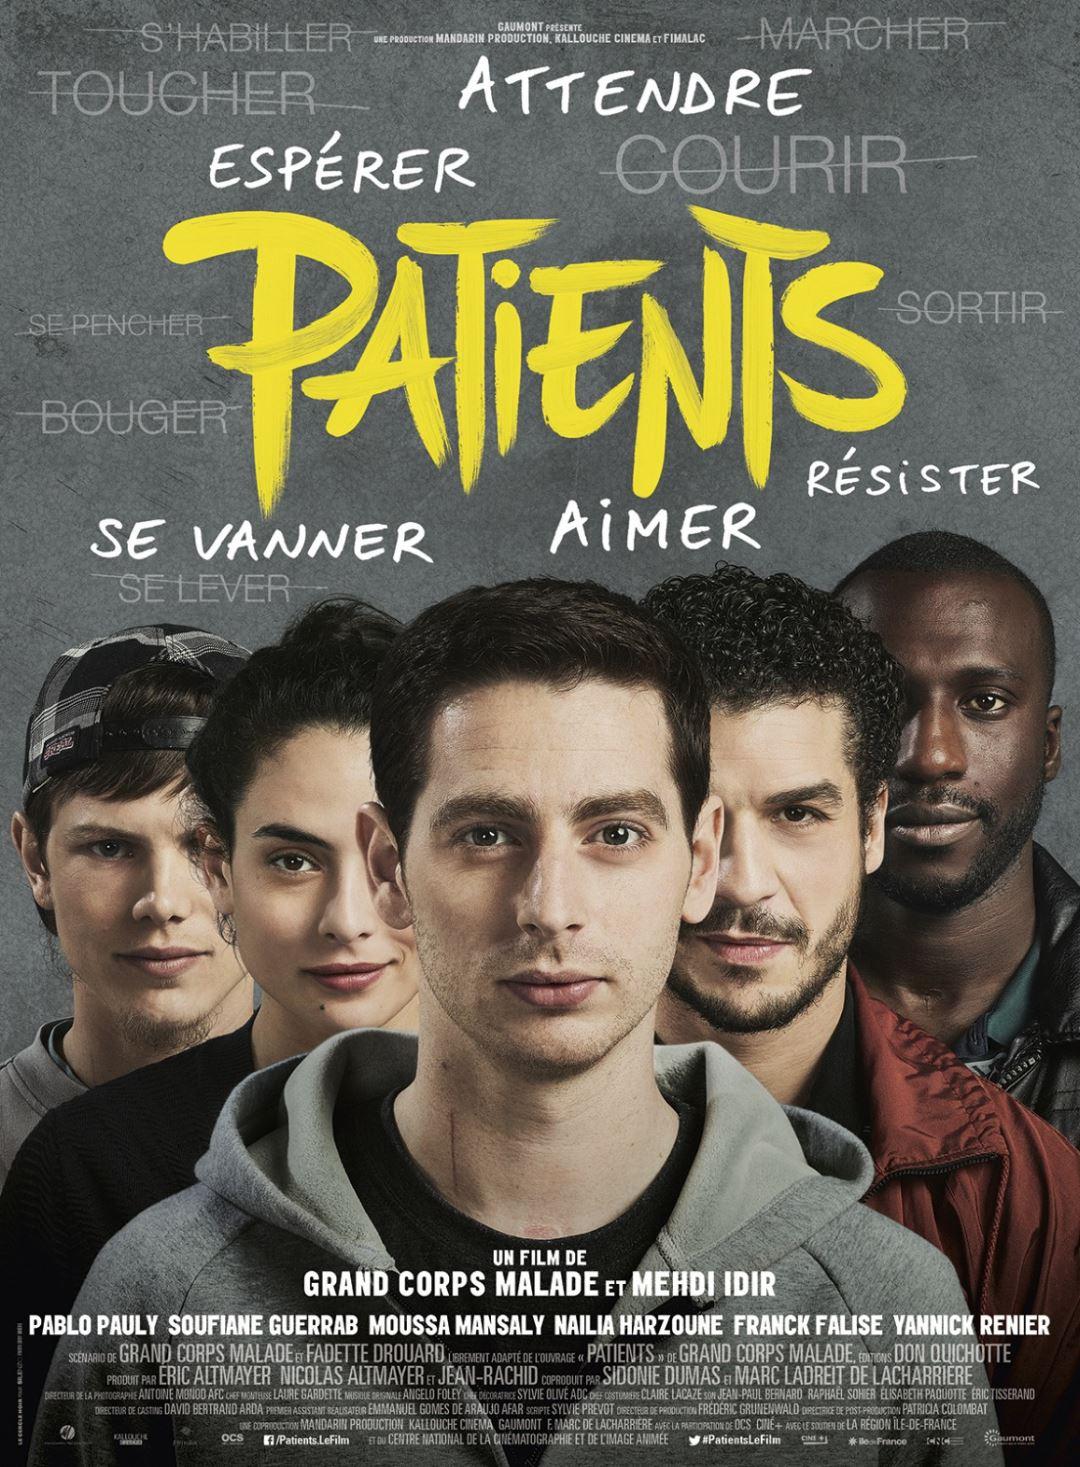 Source: Criterion film patient